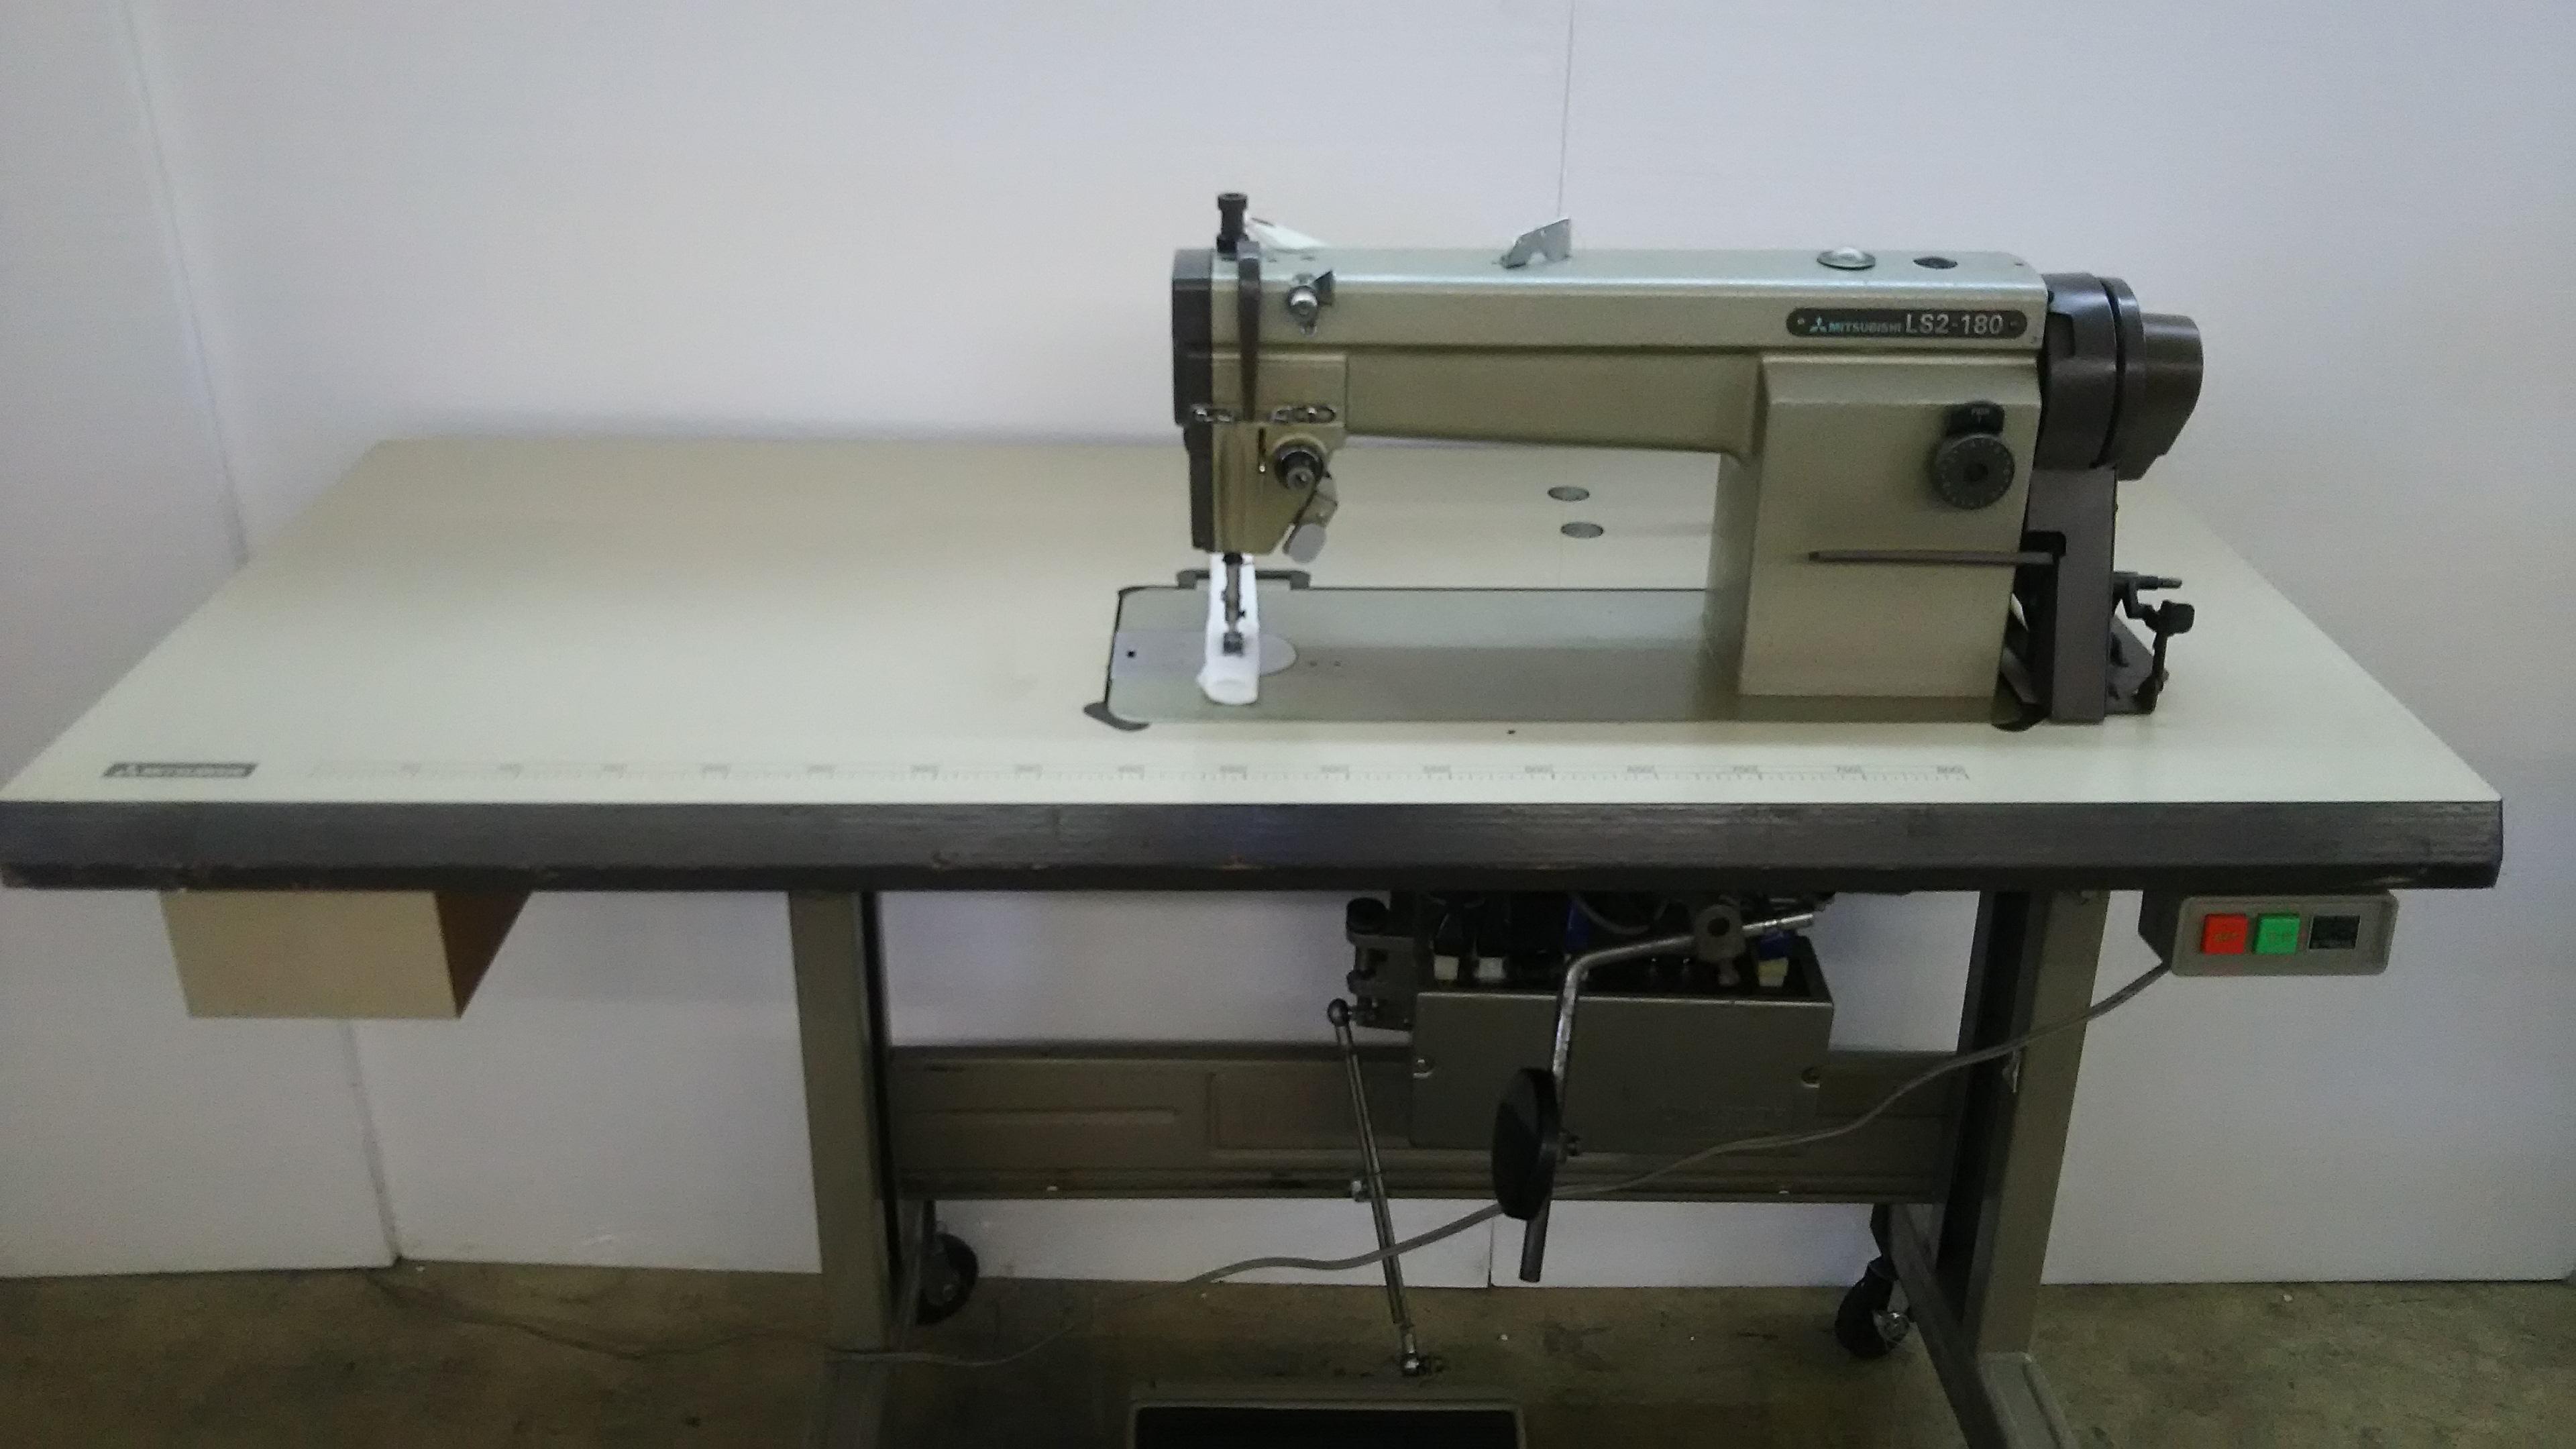 【中古】三菱ミシン MITSUBISHI ミツビシ 三菱 1本針自動糸切機構付きミシン モデルNO-LS2-180型 100V仕様 スピードコントロル付き、可変速モーター付。 弊社にて整備済み新品と同じく6か月の保証付。